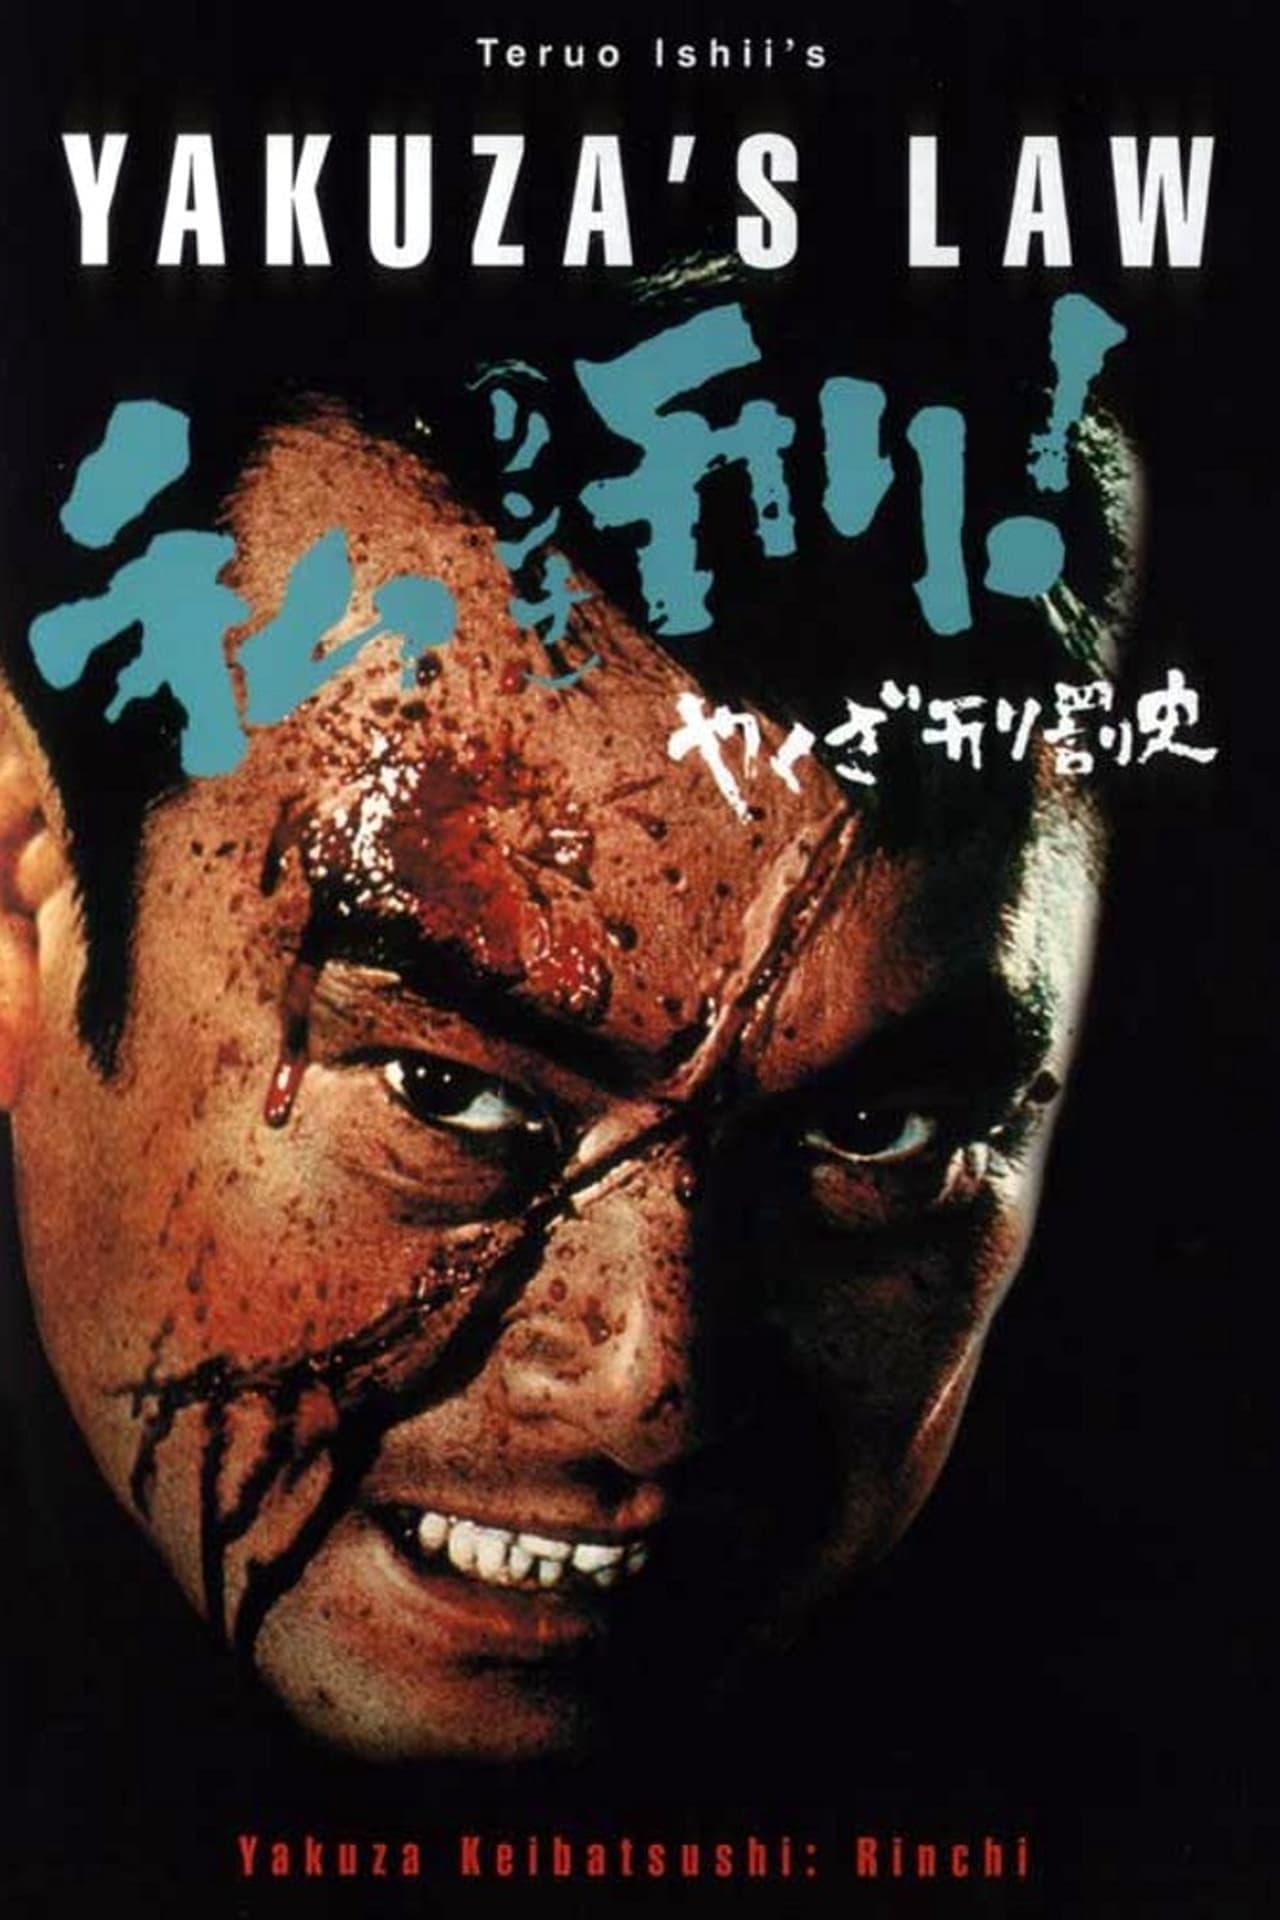 Yakuza's Law: Lynching (1969)